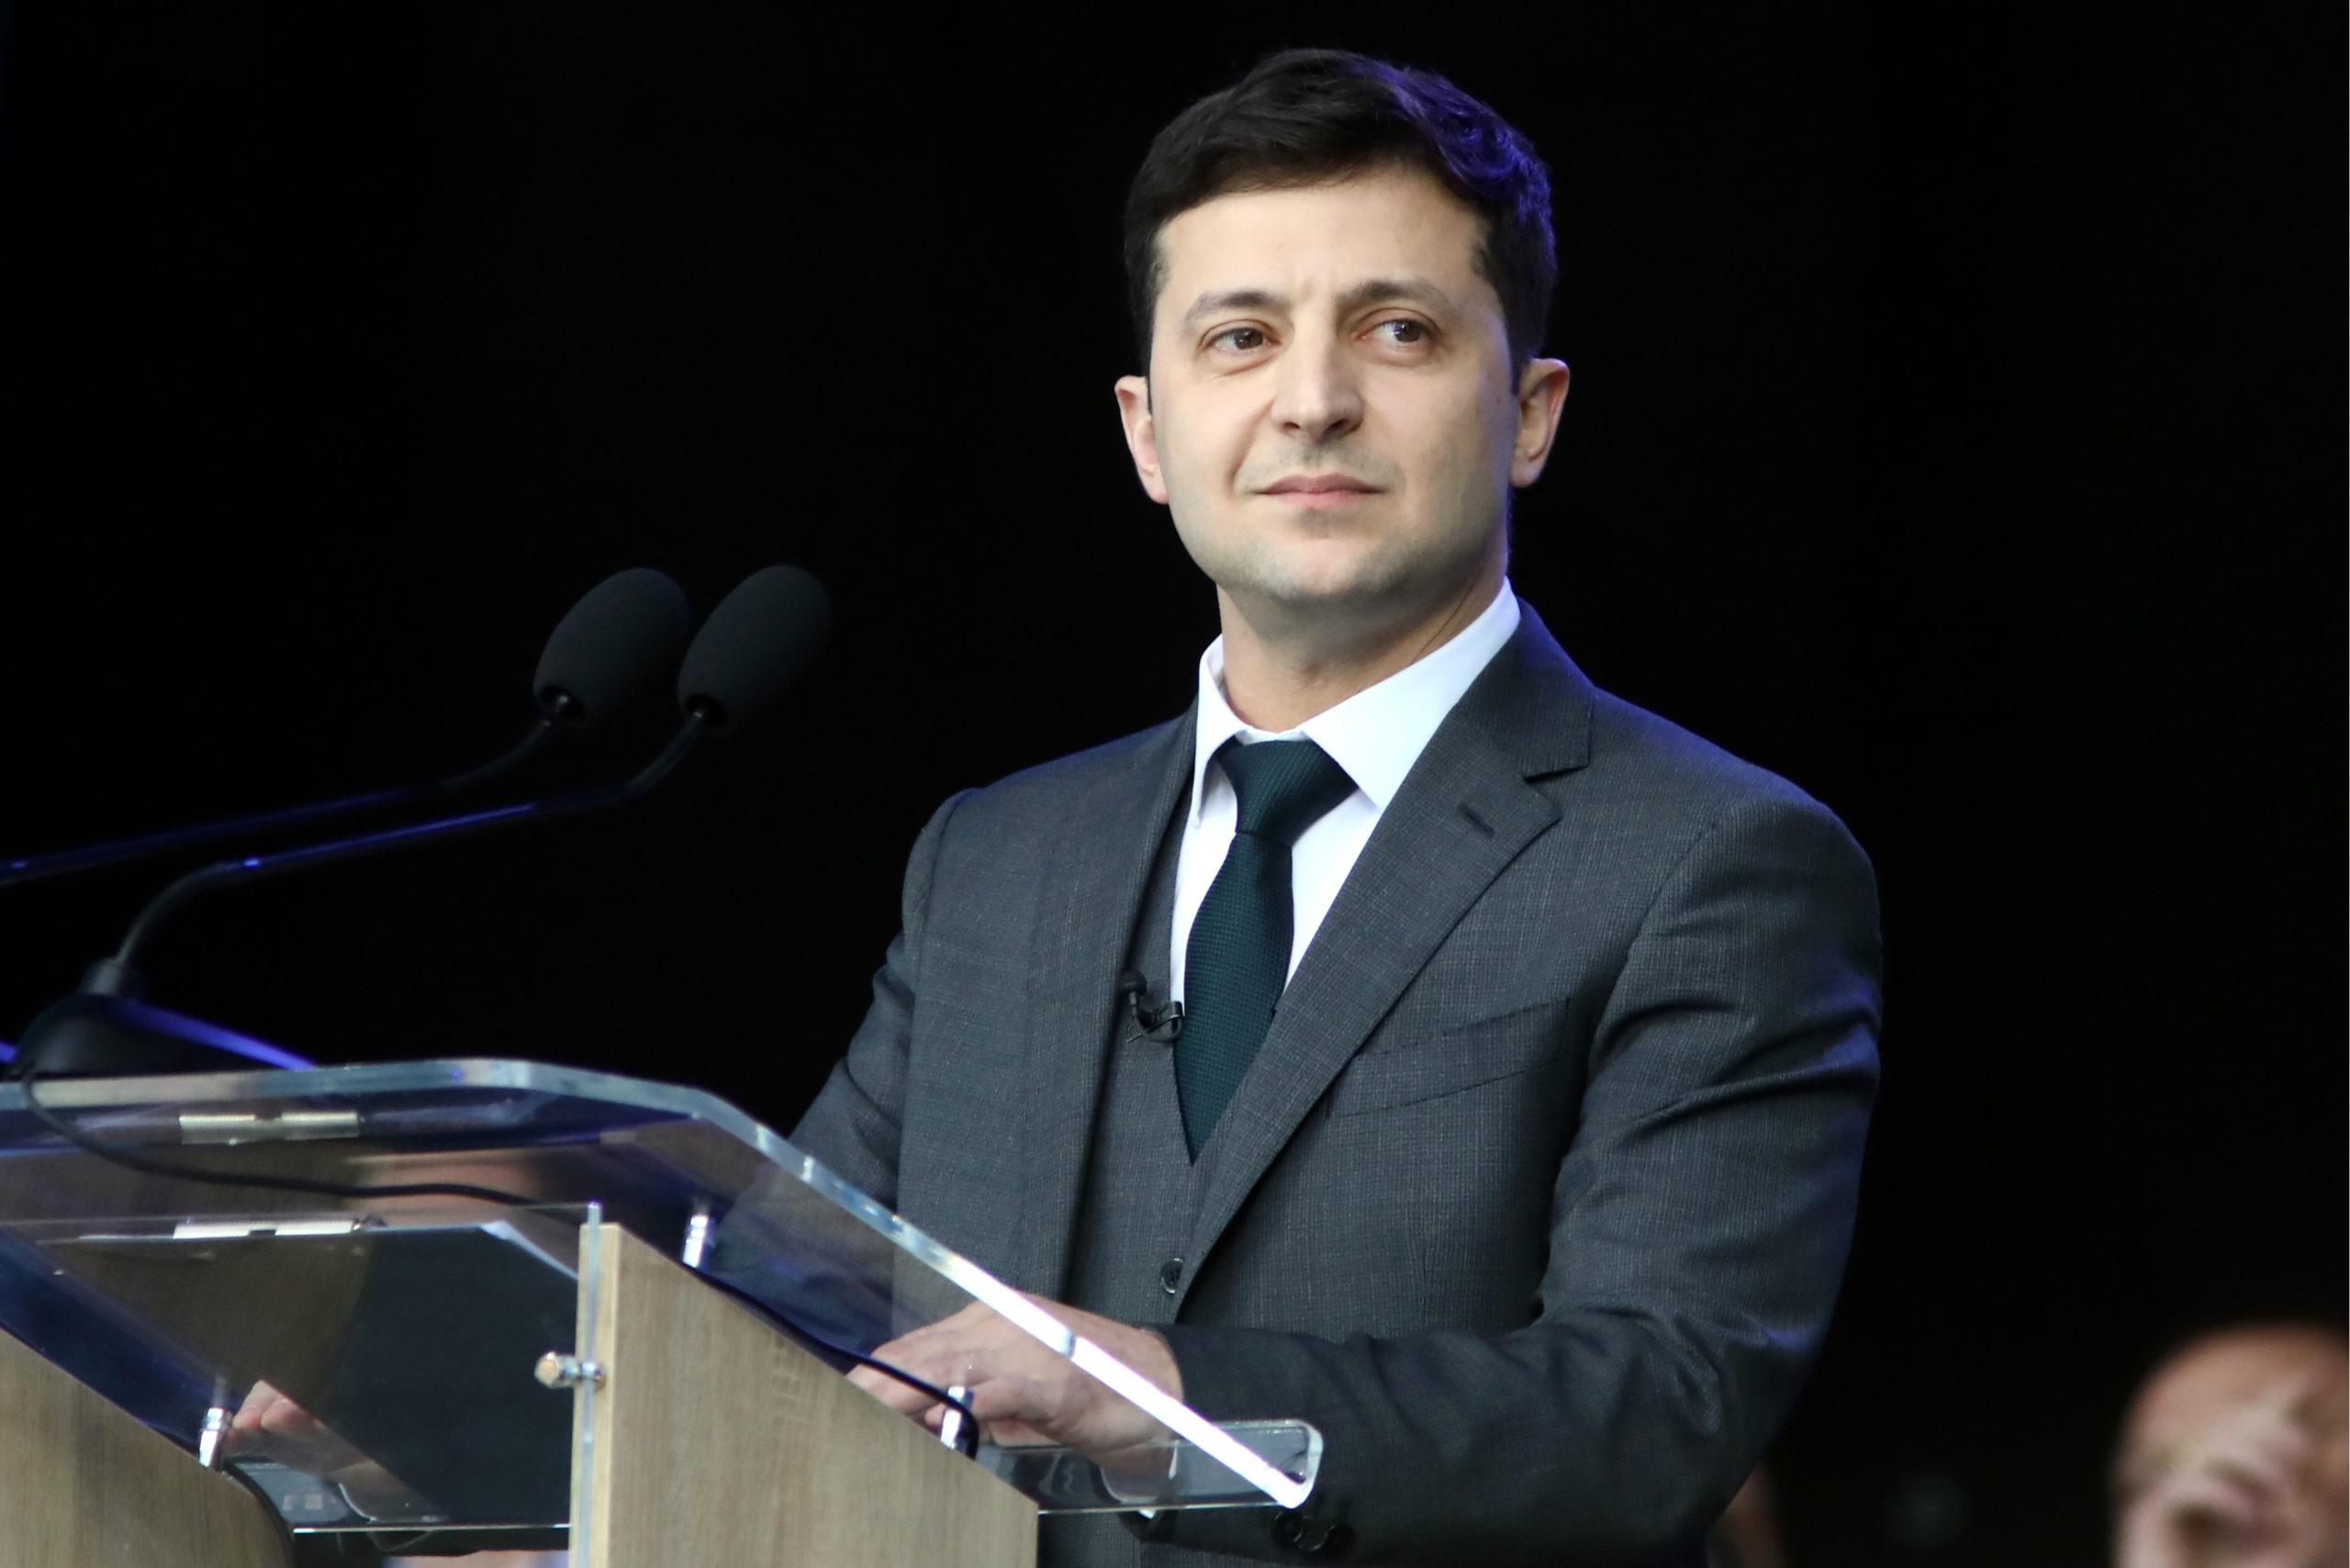 Зеленский подтвердил намерение провести обмен пленными в Донбассе